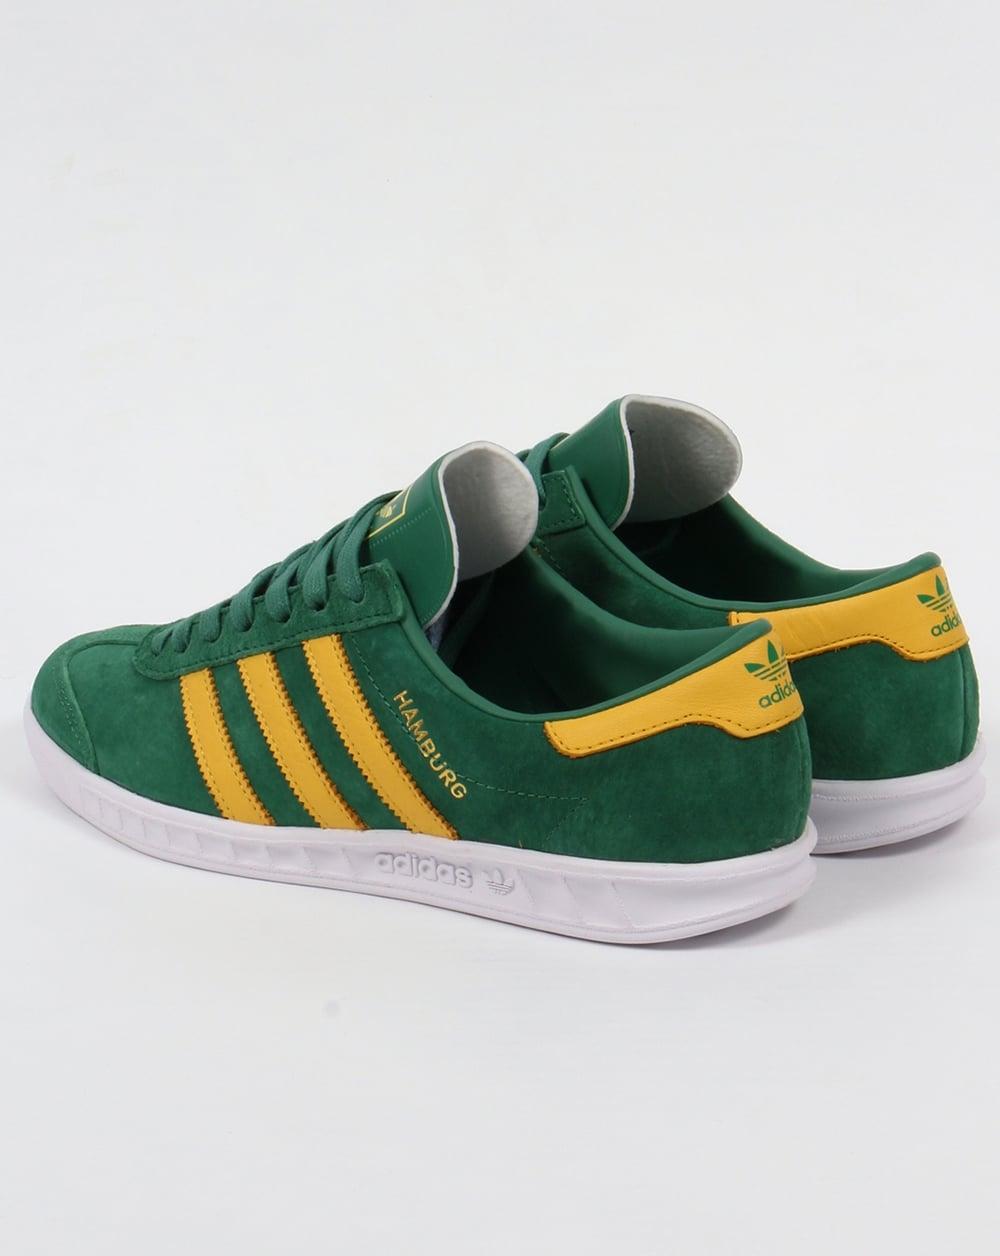 Adidas Hamburg Trainers Green/Yellow